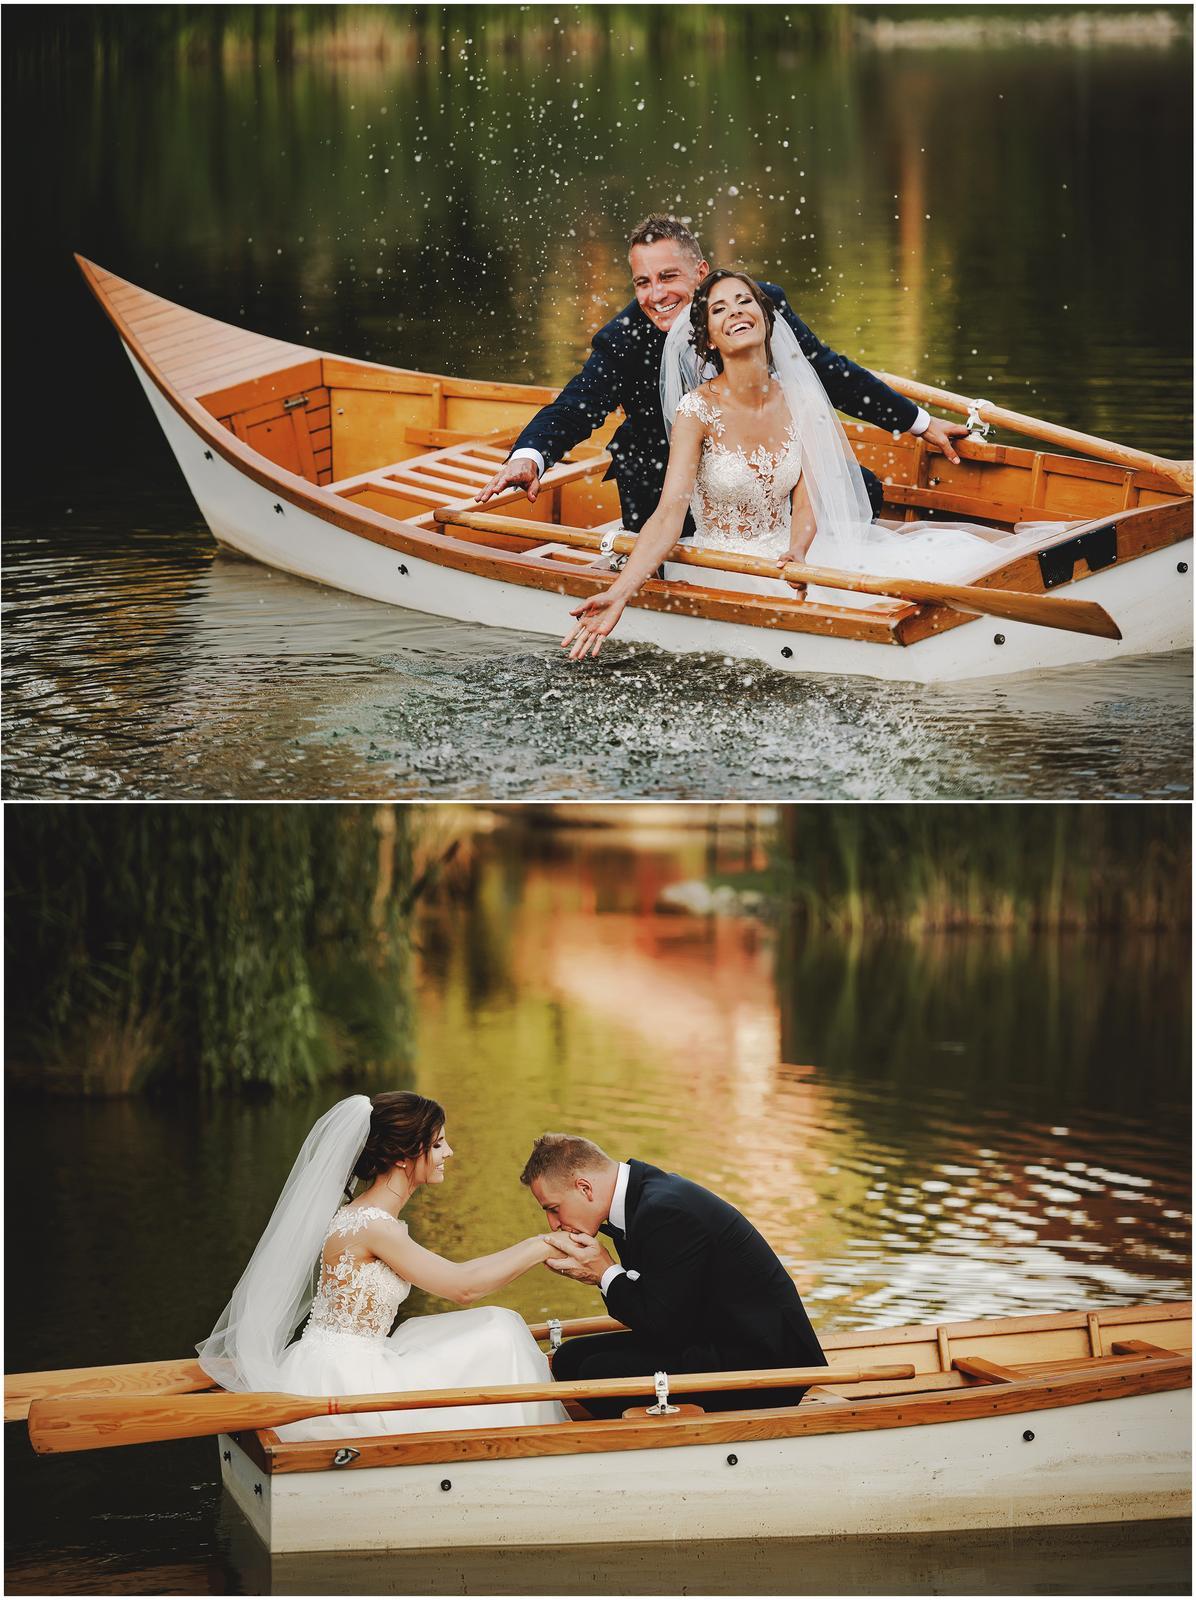 termín svadby je ešte... - Obrázok č. 1